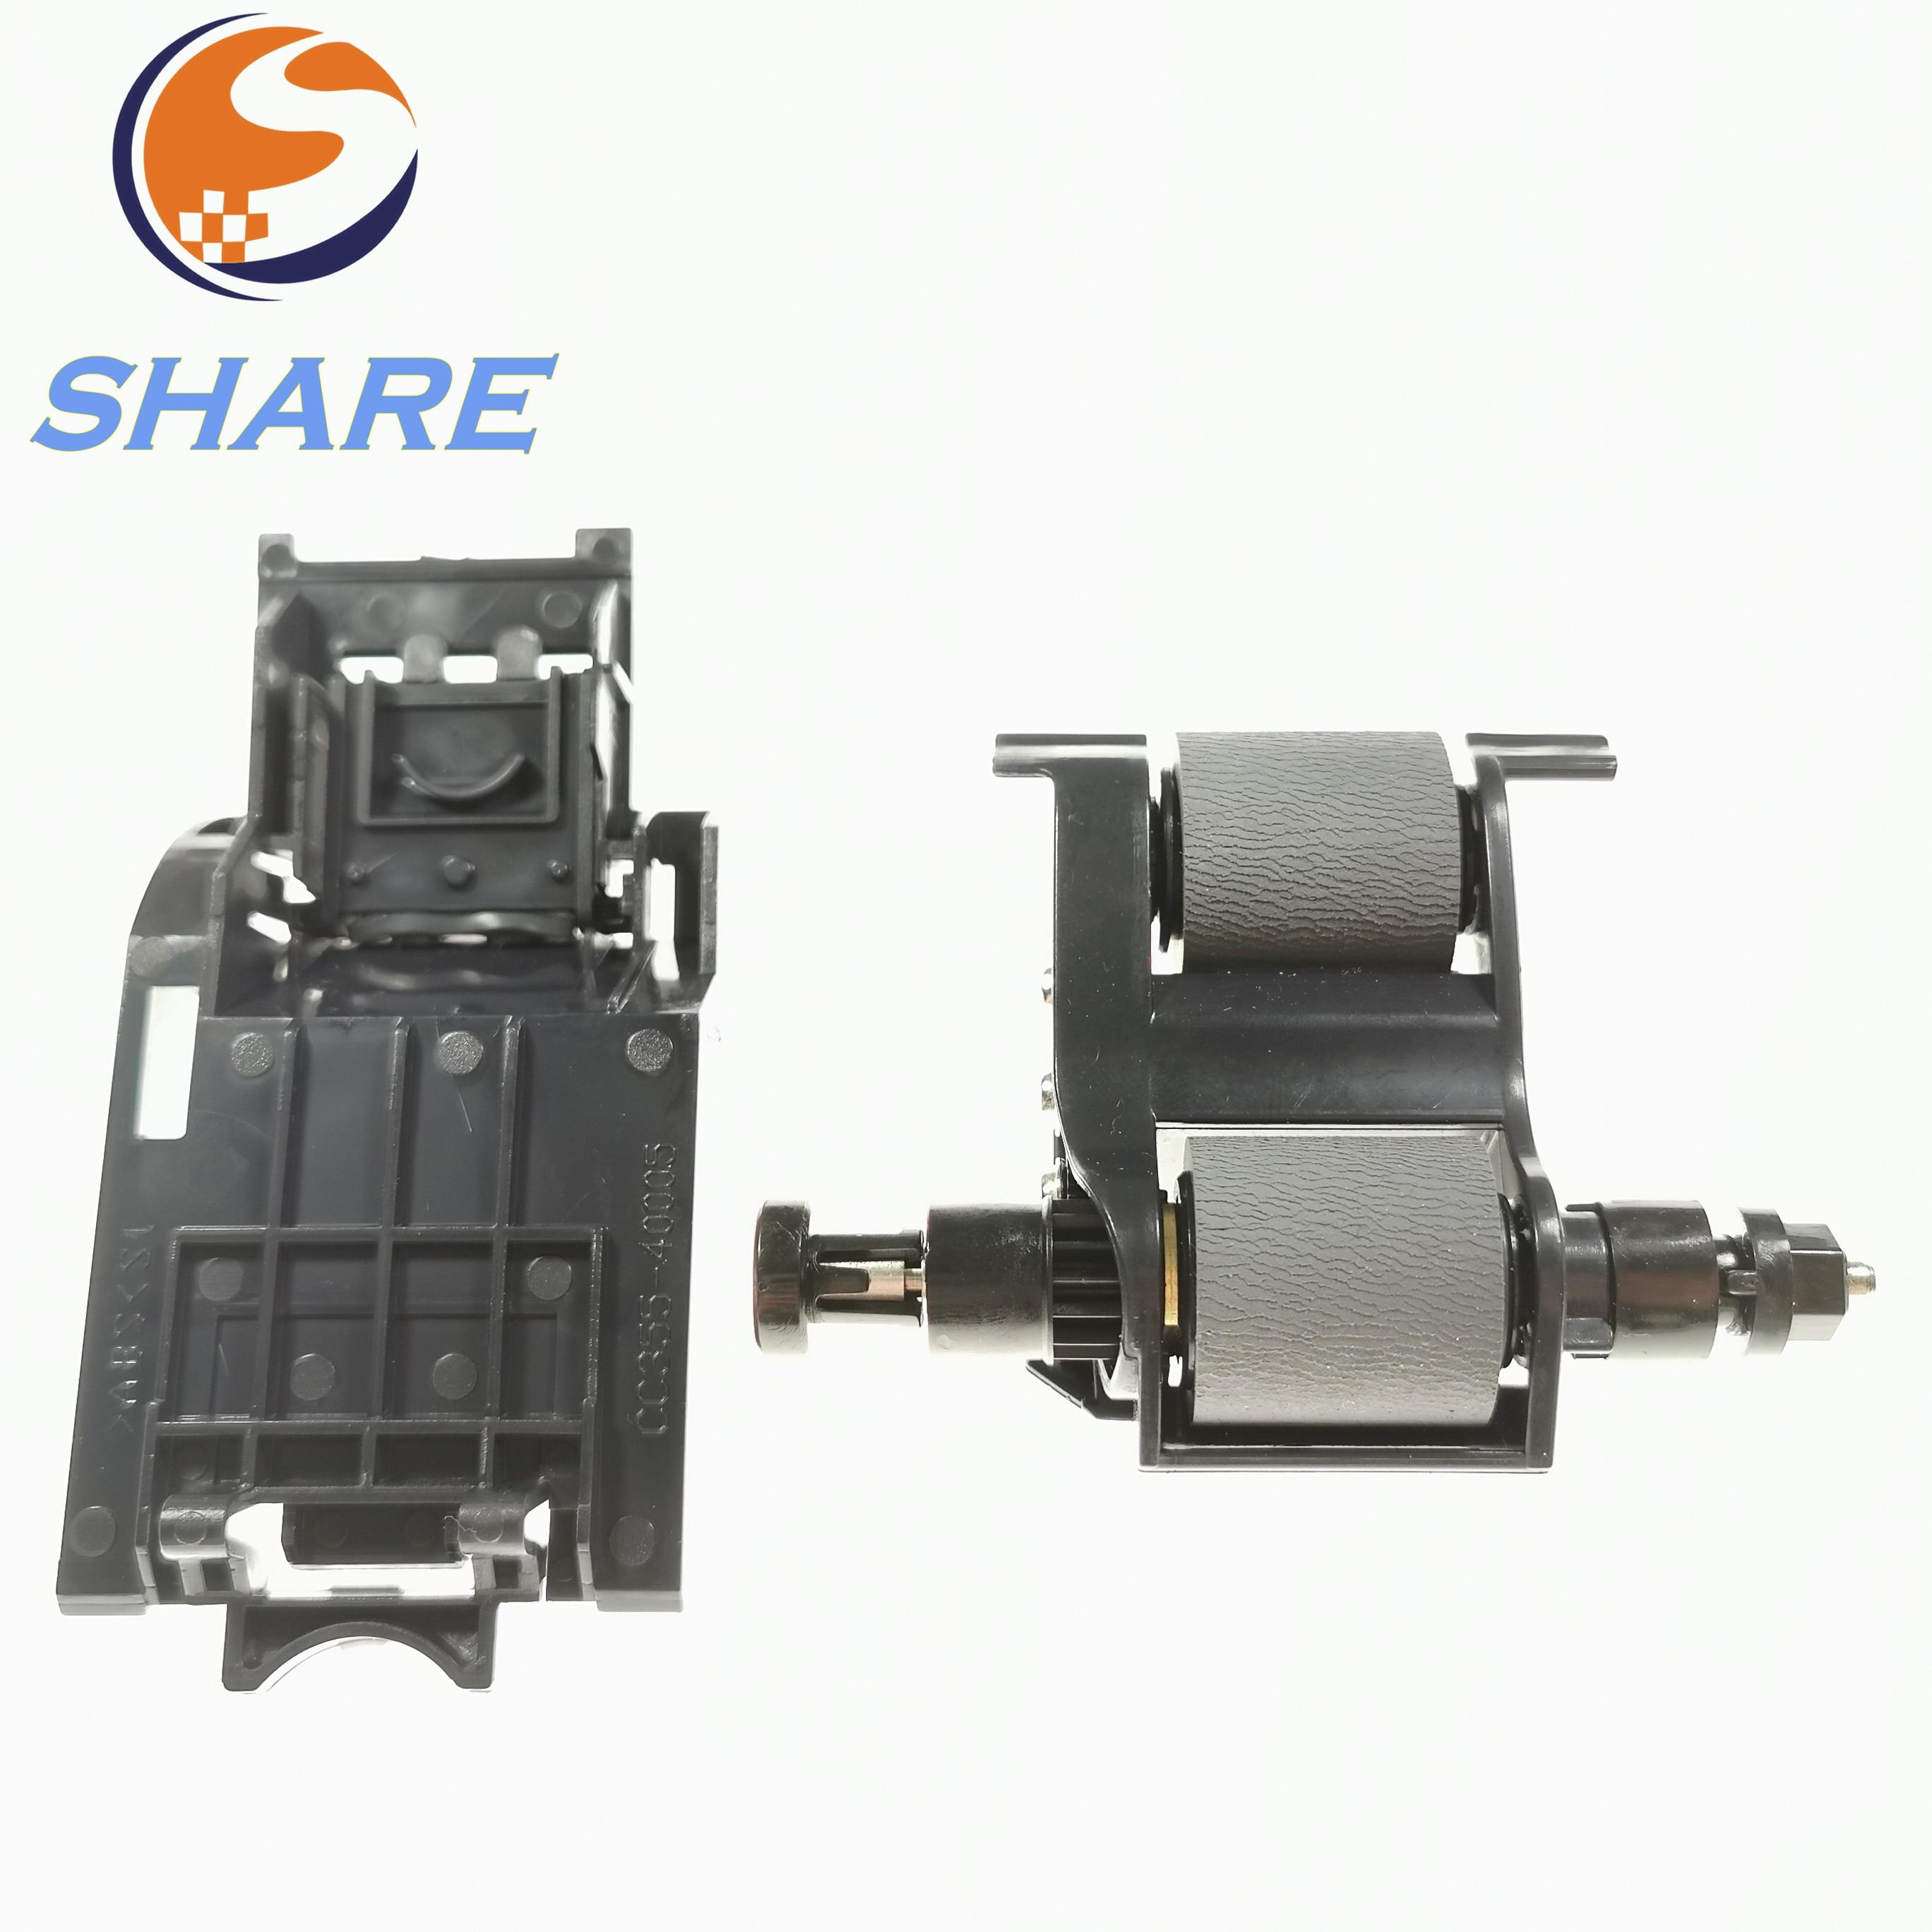 SHARE 5sets New L2718A ADF Roller Kit For HP M575 M680 M630 M525 M725 651 M775 L2725-60002 ScanJet 7500 Series